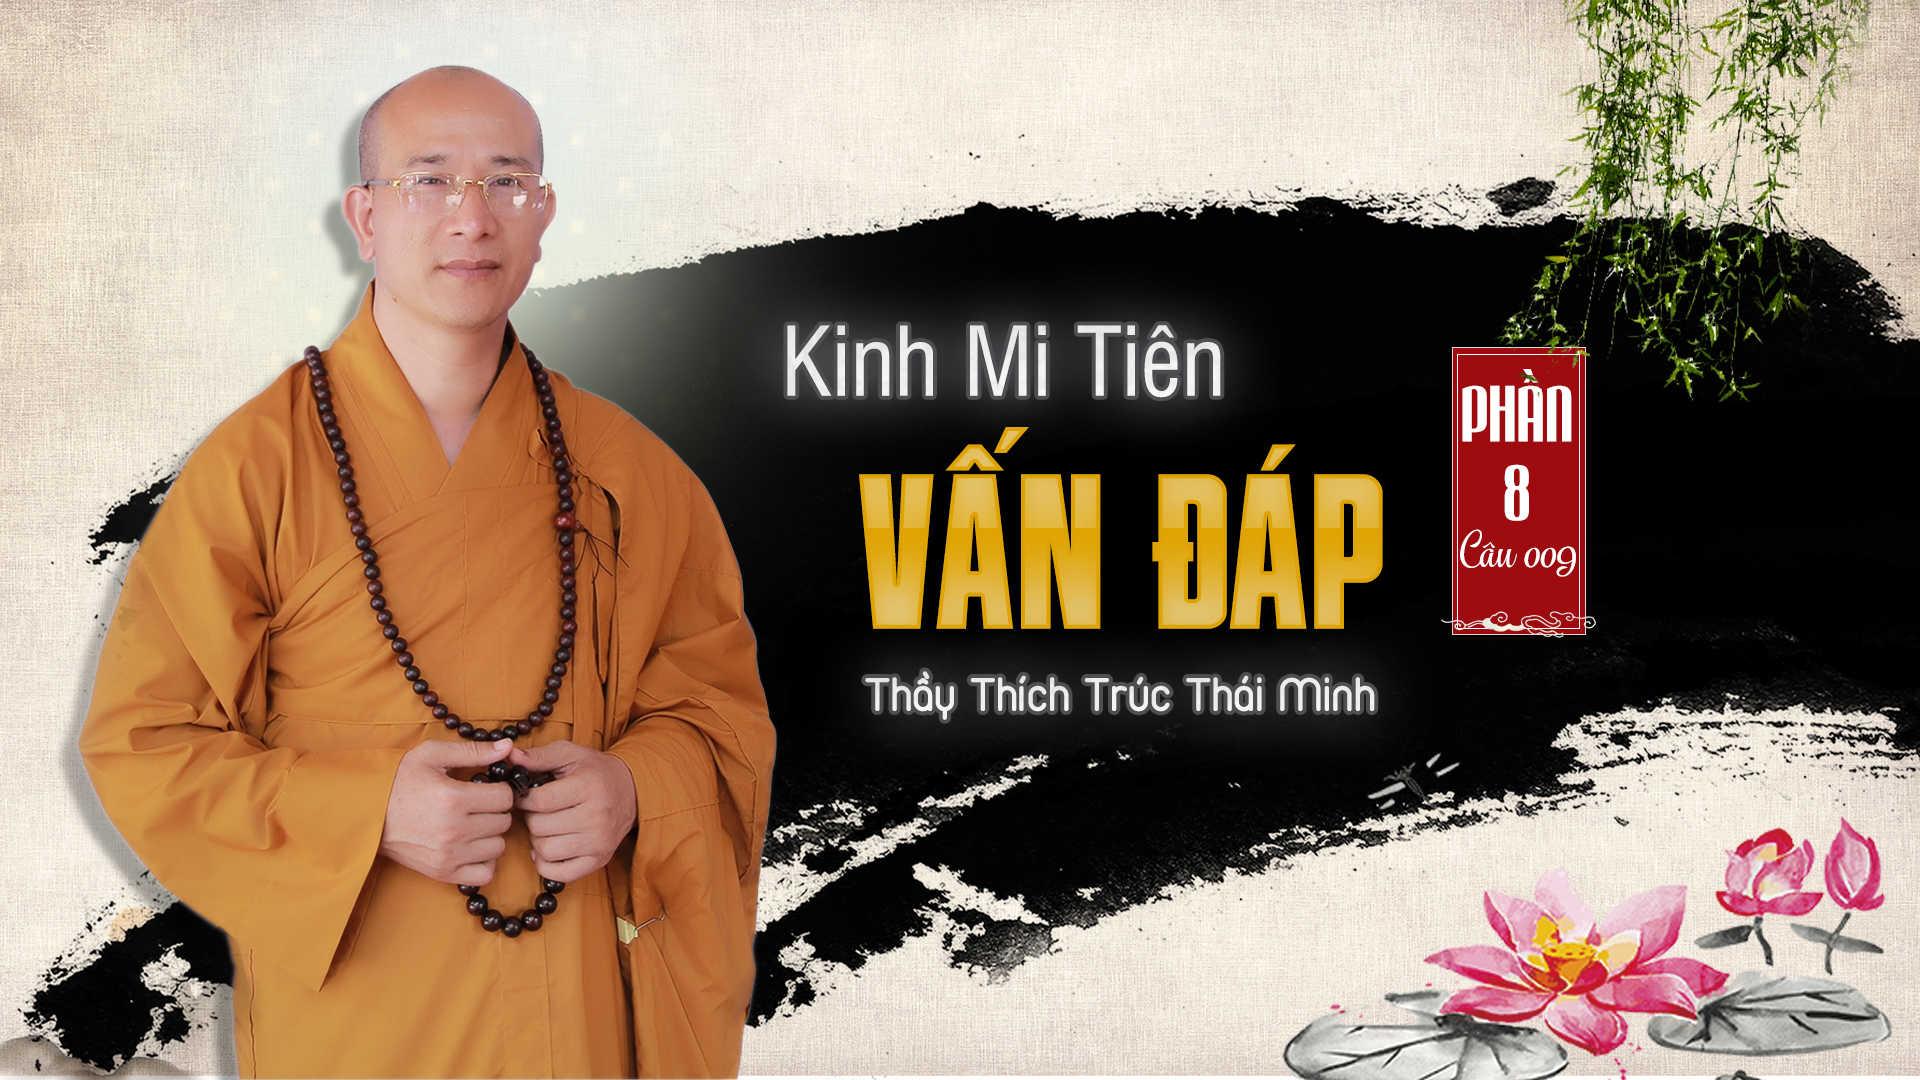 Kinh Mi Tiên vấn đáp phần 8 Thầy Thích Trúc Thái Minh chùa Ba Vàng.